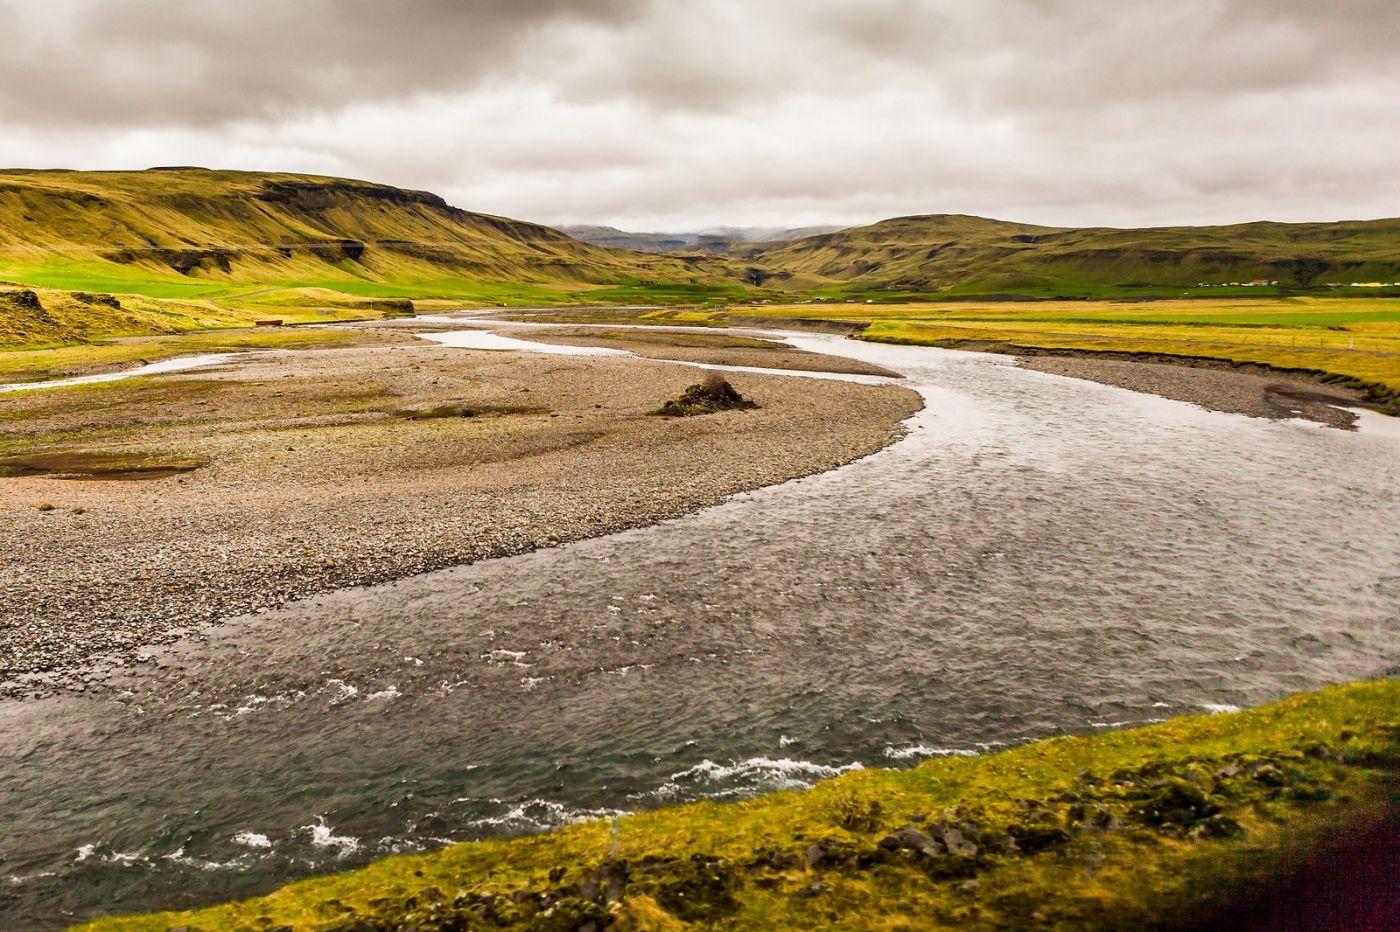 冰岛风采,那一片水景_图1-9